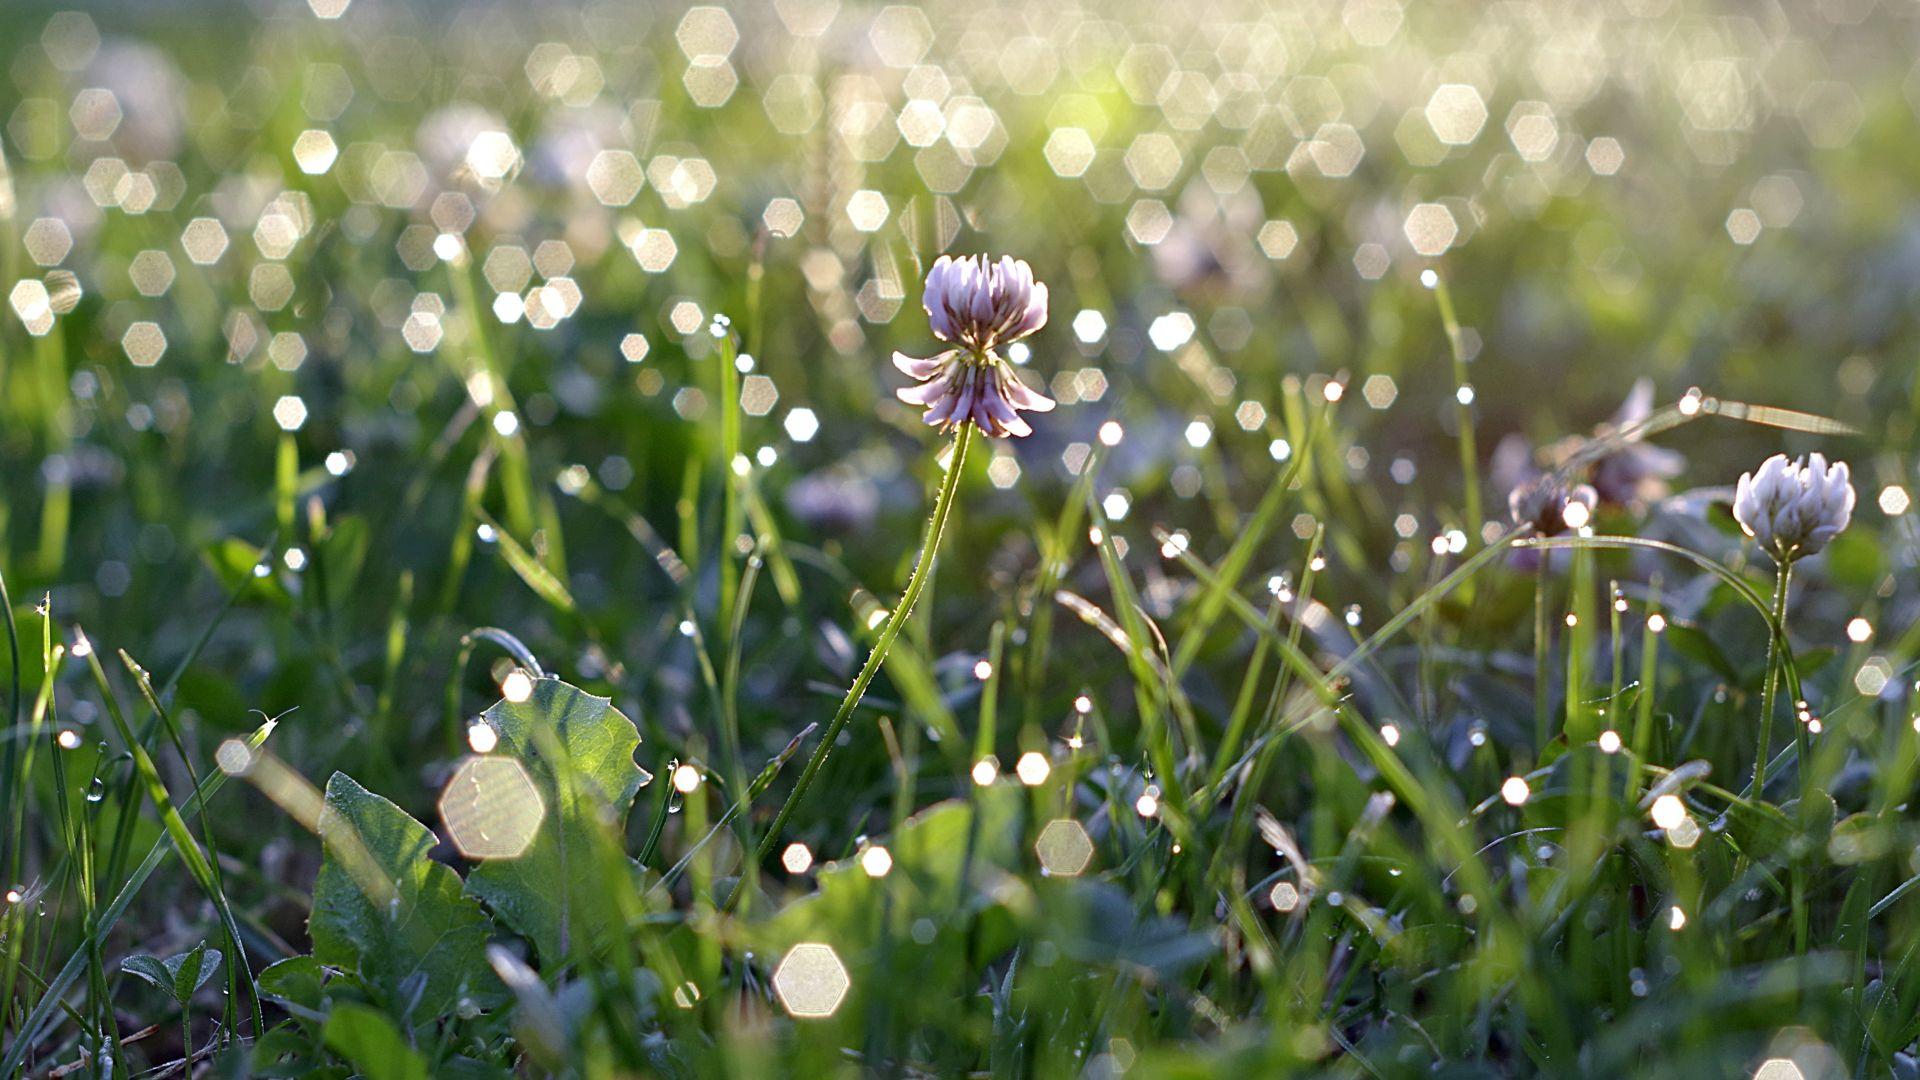 Wallpaper Primrose plants, flower, bokeh, grass